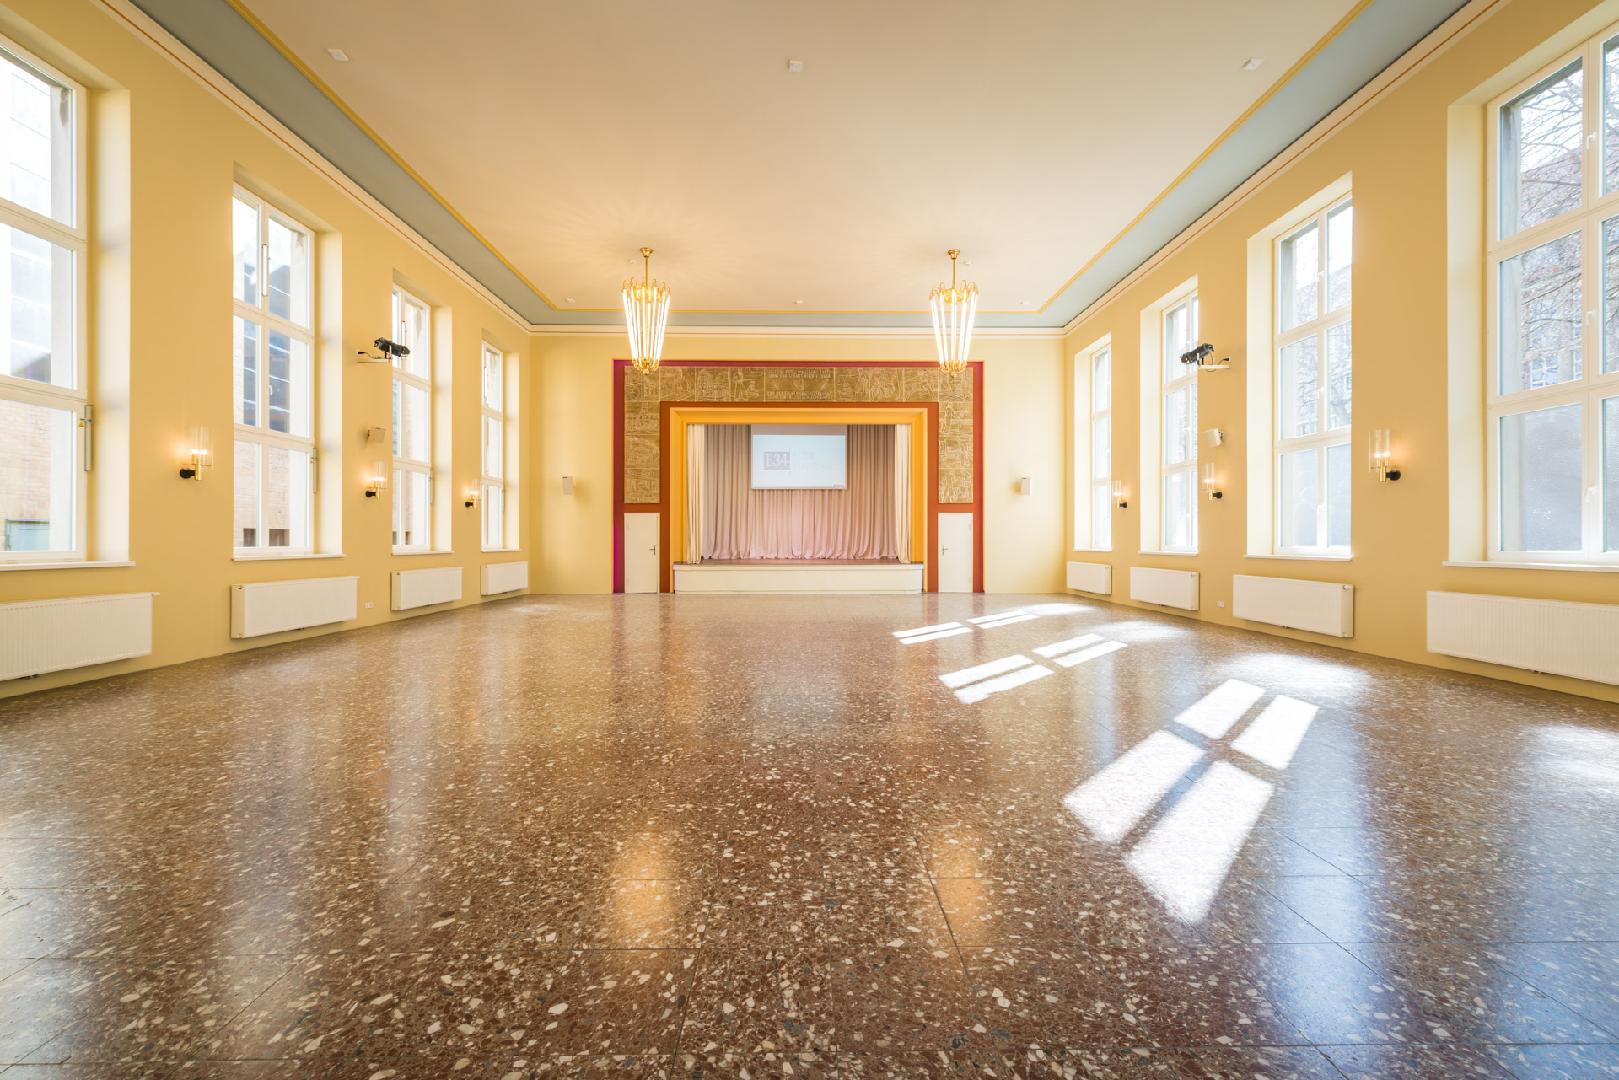 E34 - Alter Stadtsaal